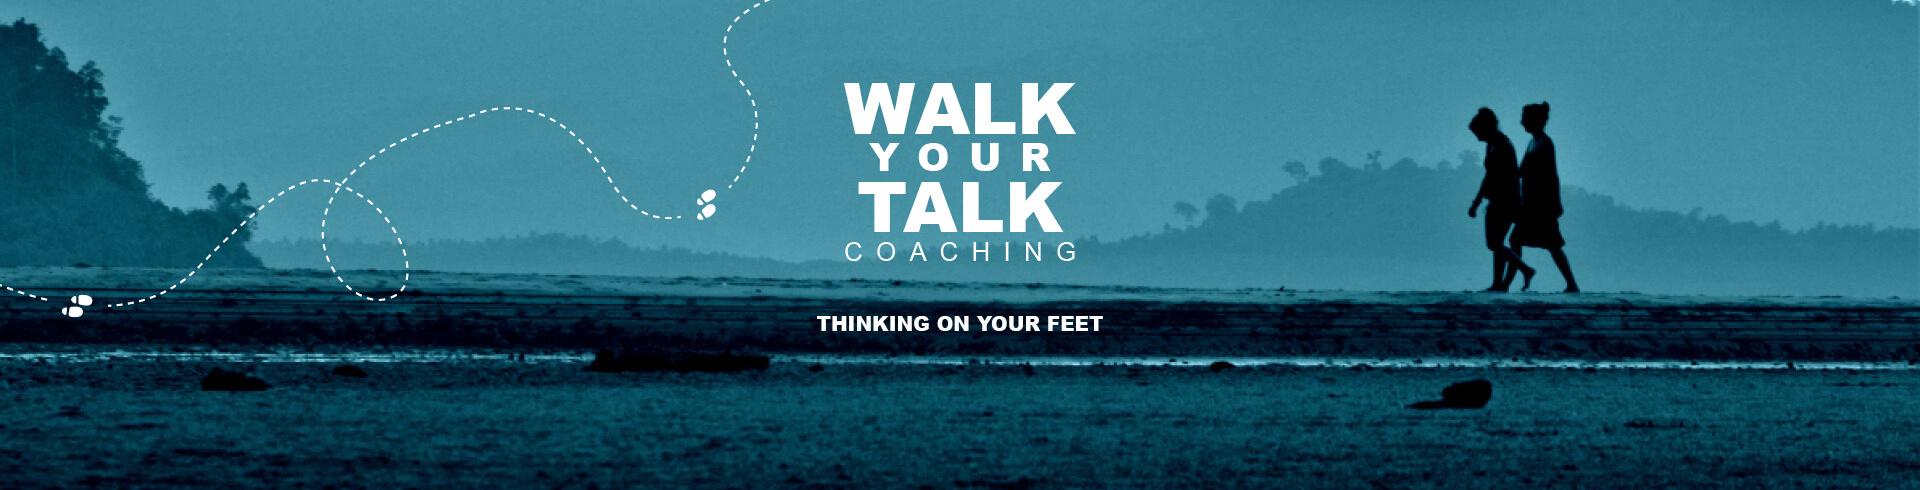 KW-coaching-slider-page-header-walk-talk